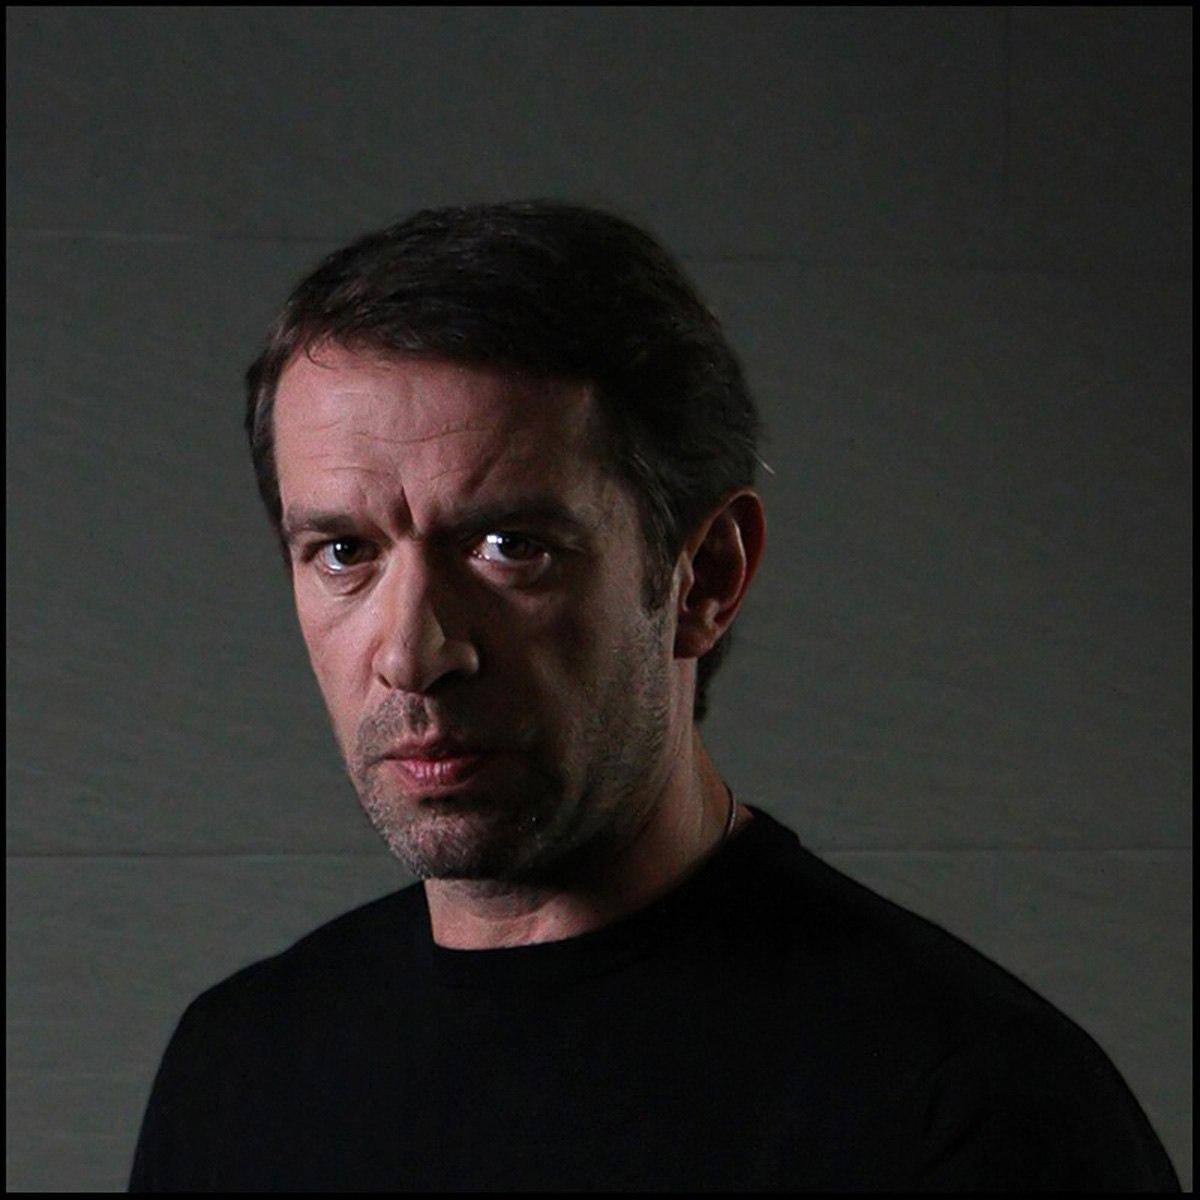 Сегодня свой день рождения отмечает Машков Владимир Львович.